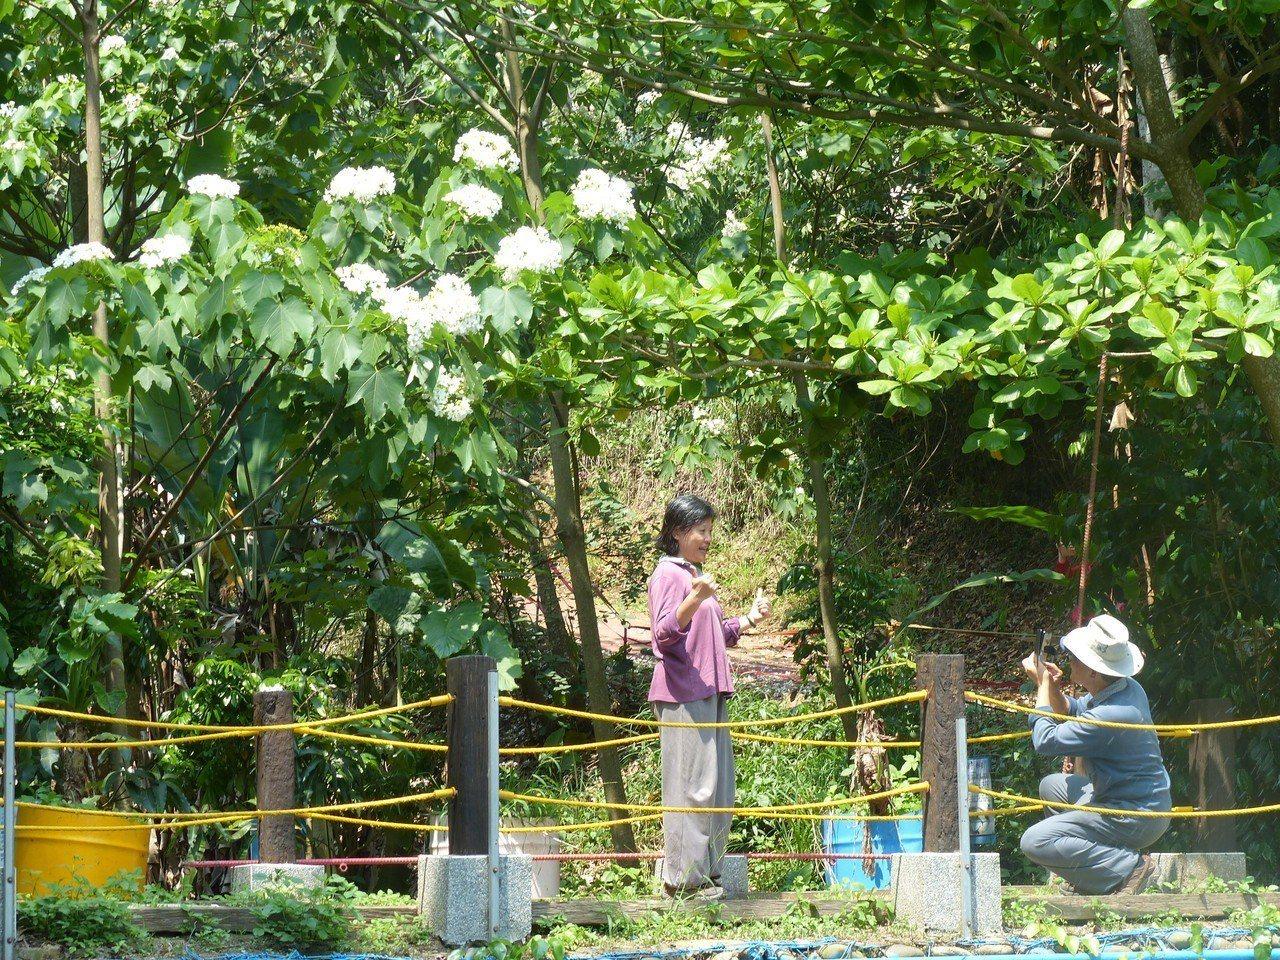 彰化市福田賞桐生態園區的油桐花可近距離欣賞。記者劉明岩/攝影